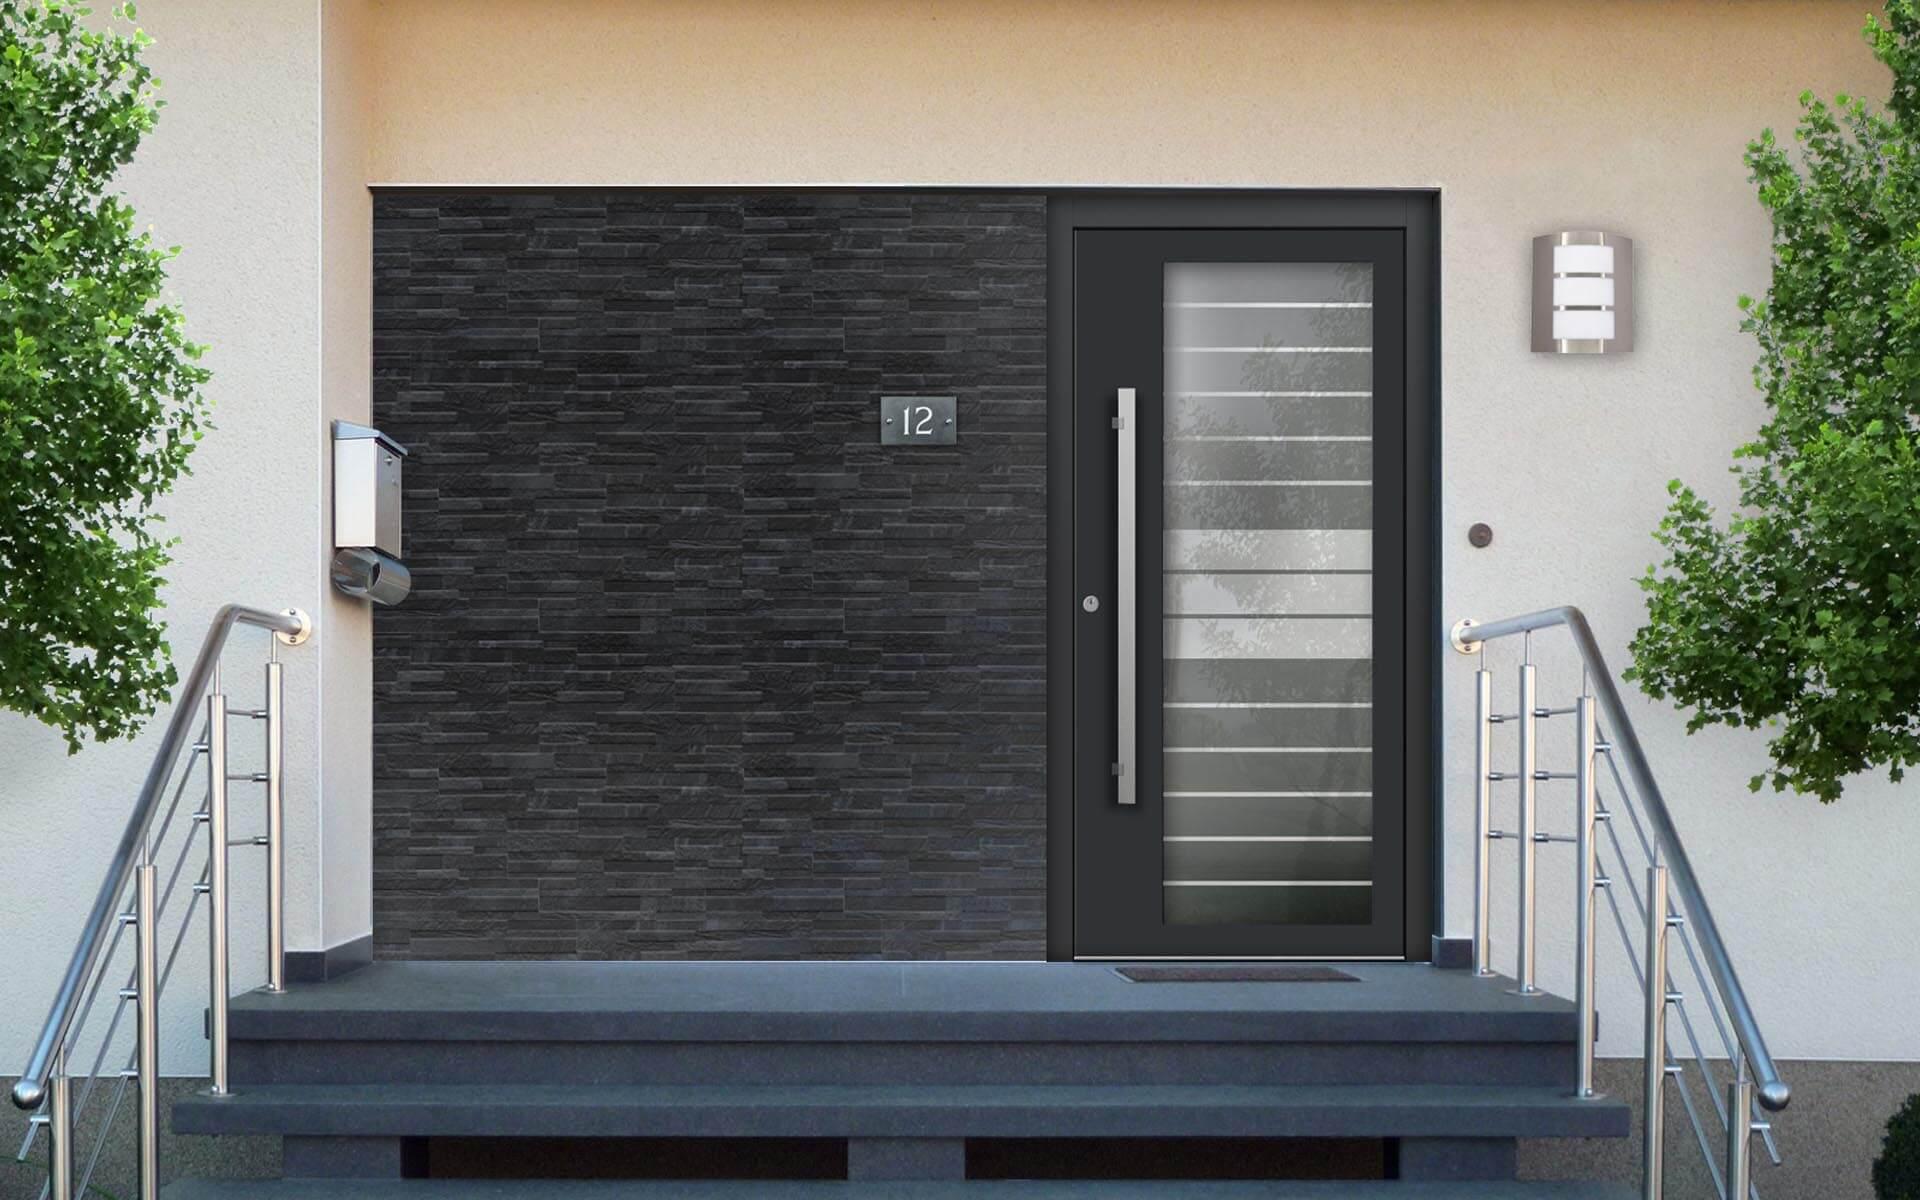 Hliníkové vchodové dvere s výplňou z bezpečnostného trojskla VV-850-GLP12